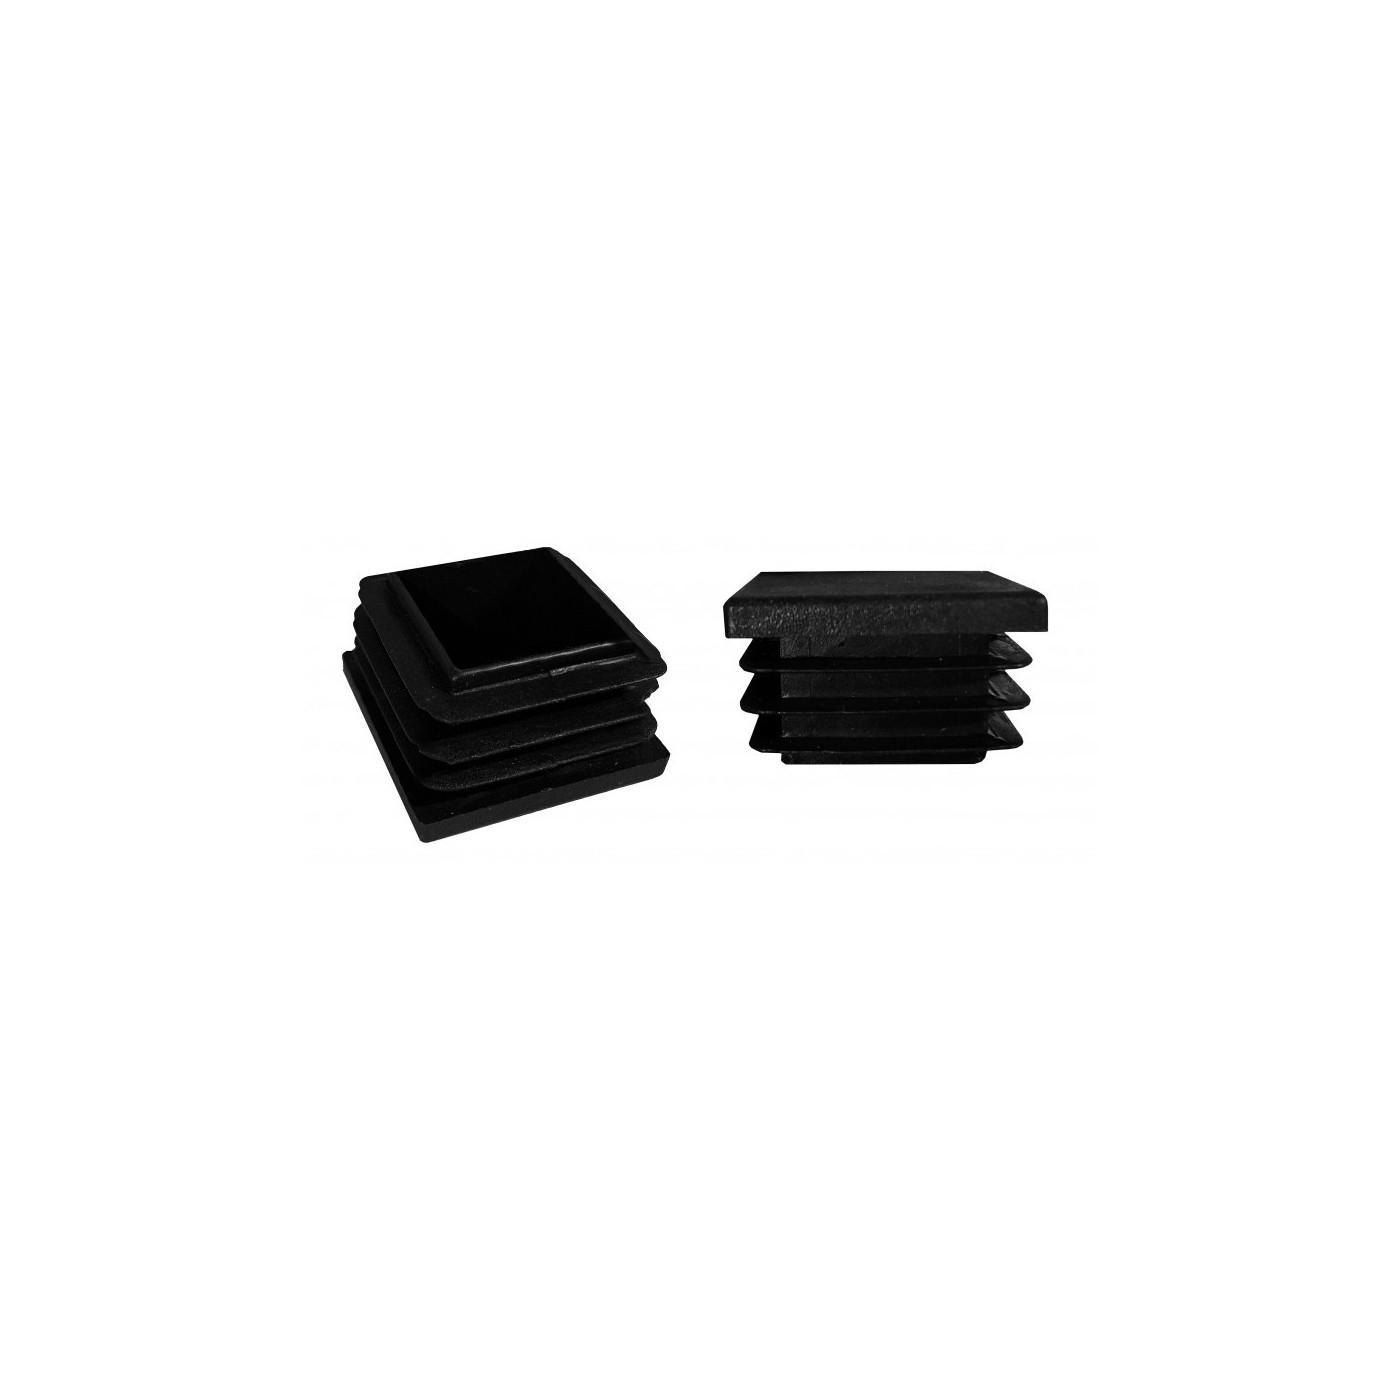 Zestaw 16 czapek na nogi krzesła (F44/E49/D50, czarny)  - 1